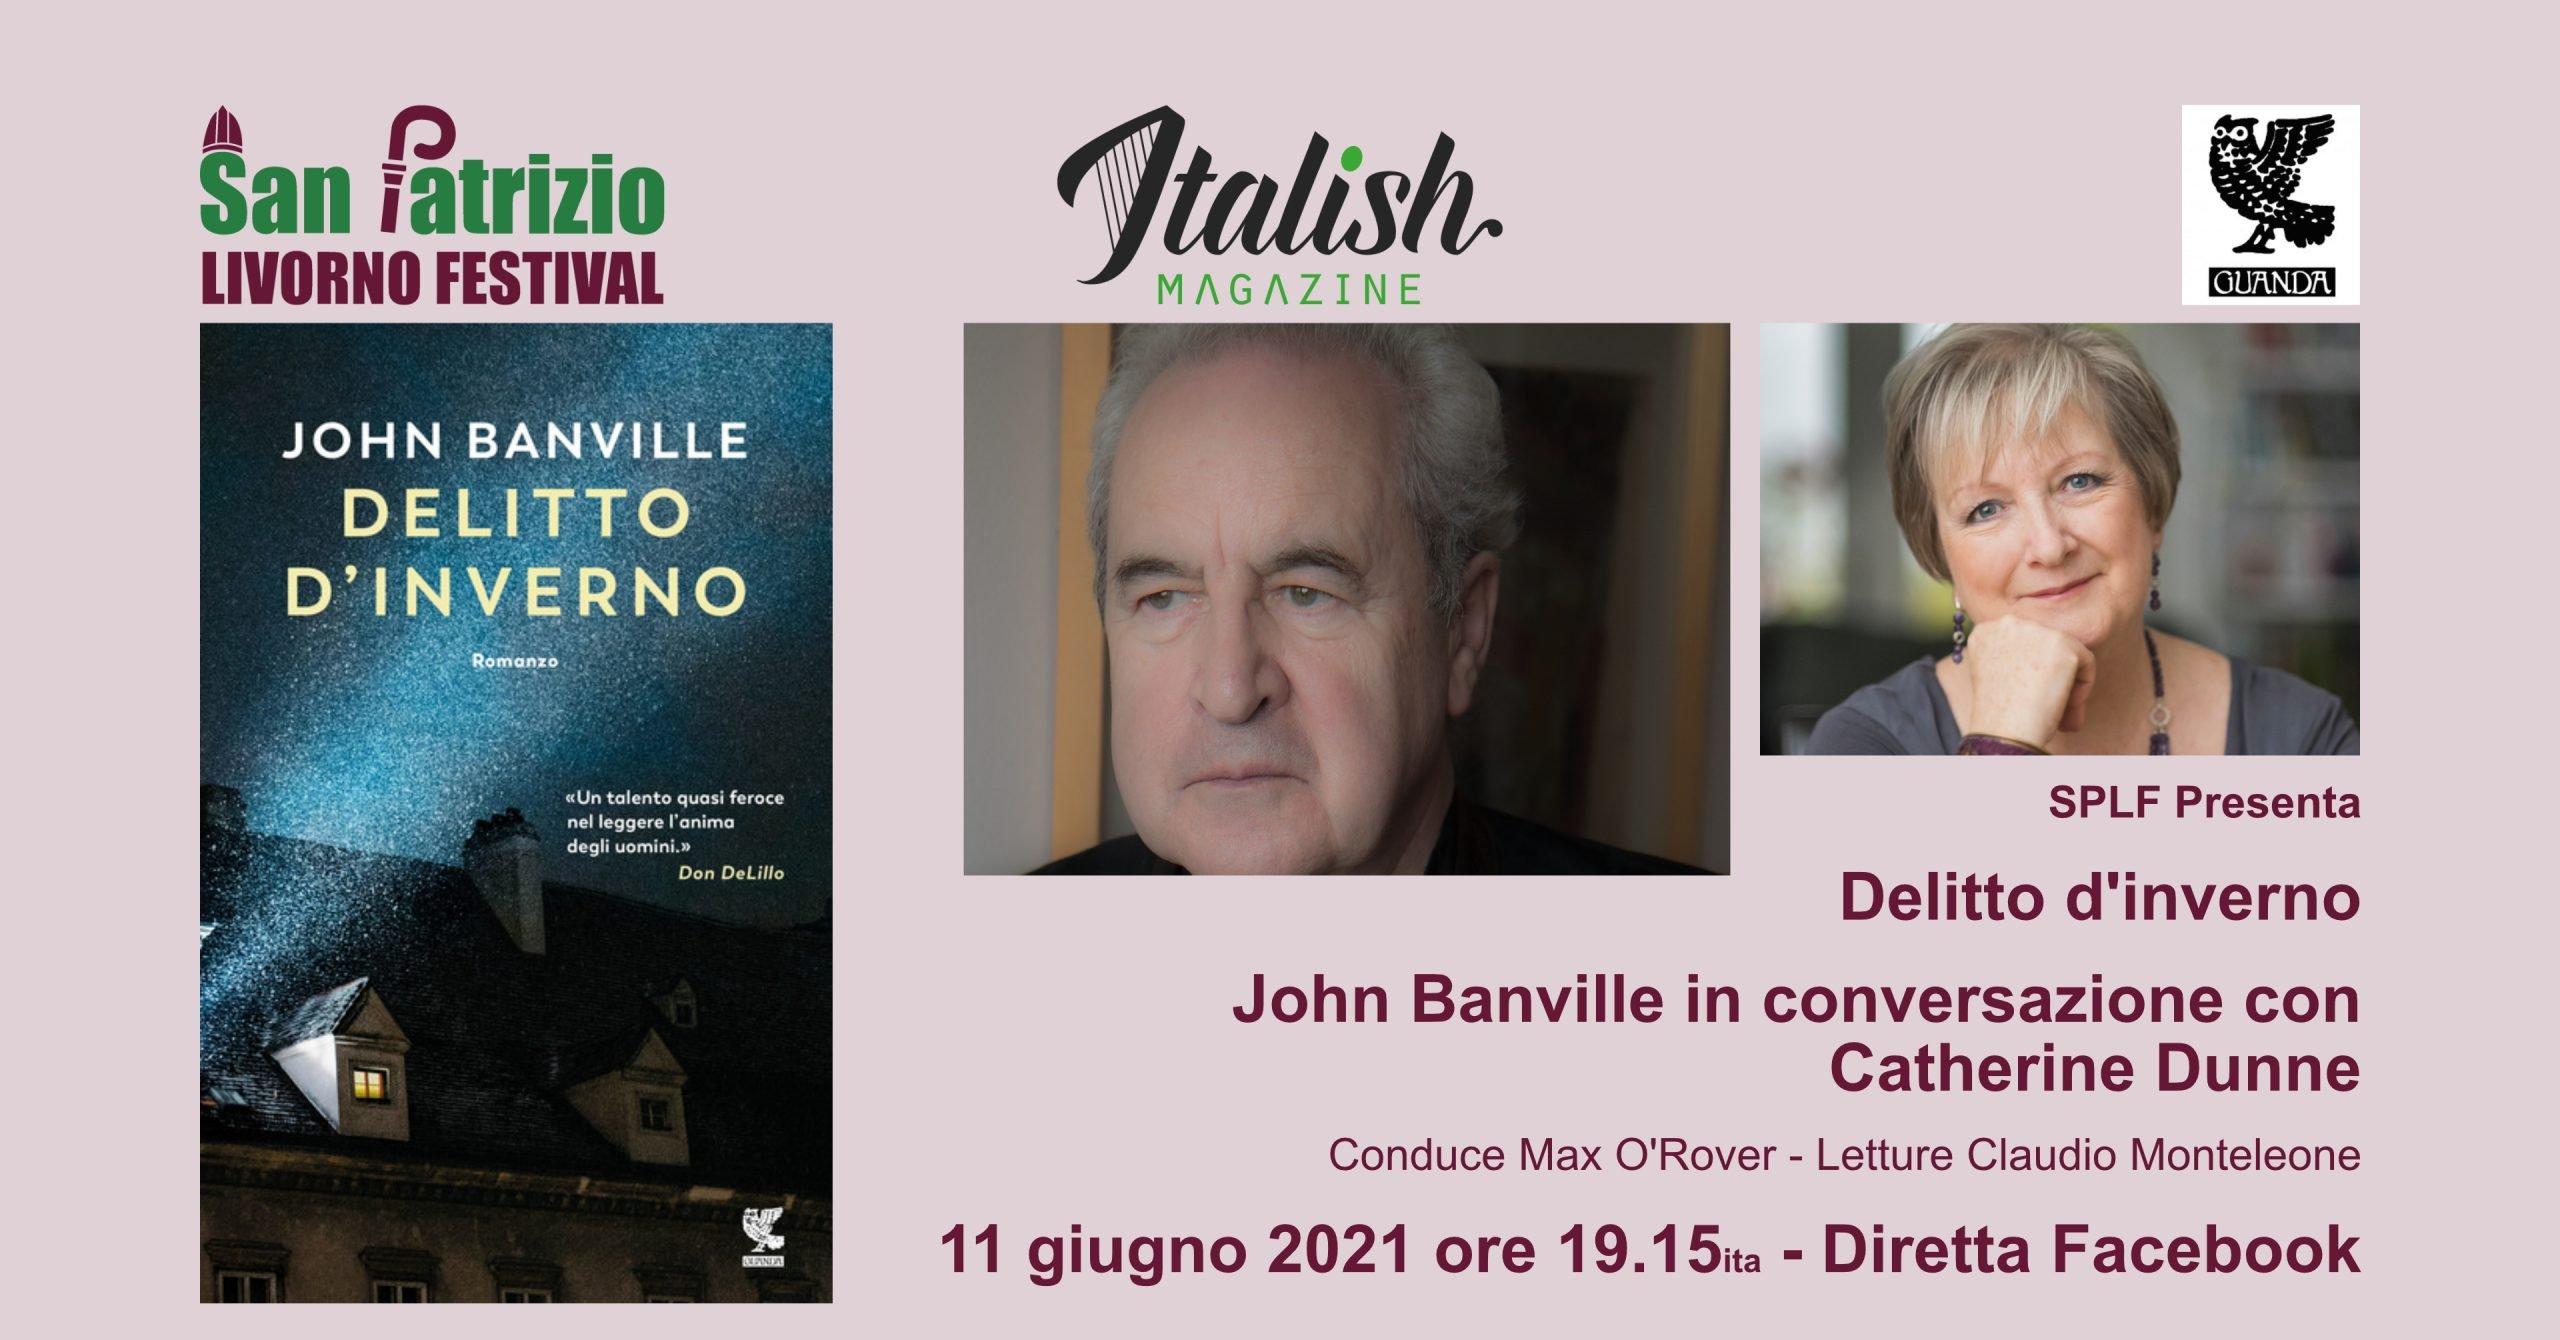 PLF Presenta: John Banville – Delitto d'inverno – Guanda – Con Catherine Dunne, Claudio Monteleone, Max O'Rover